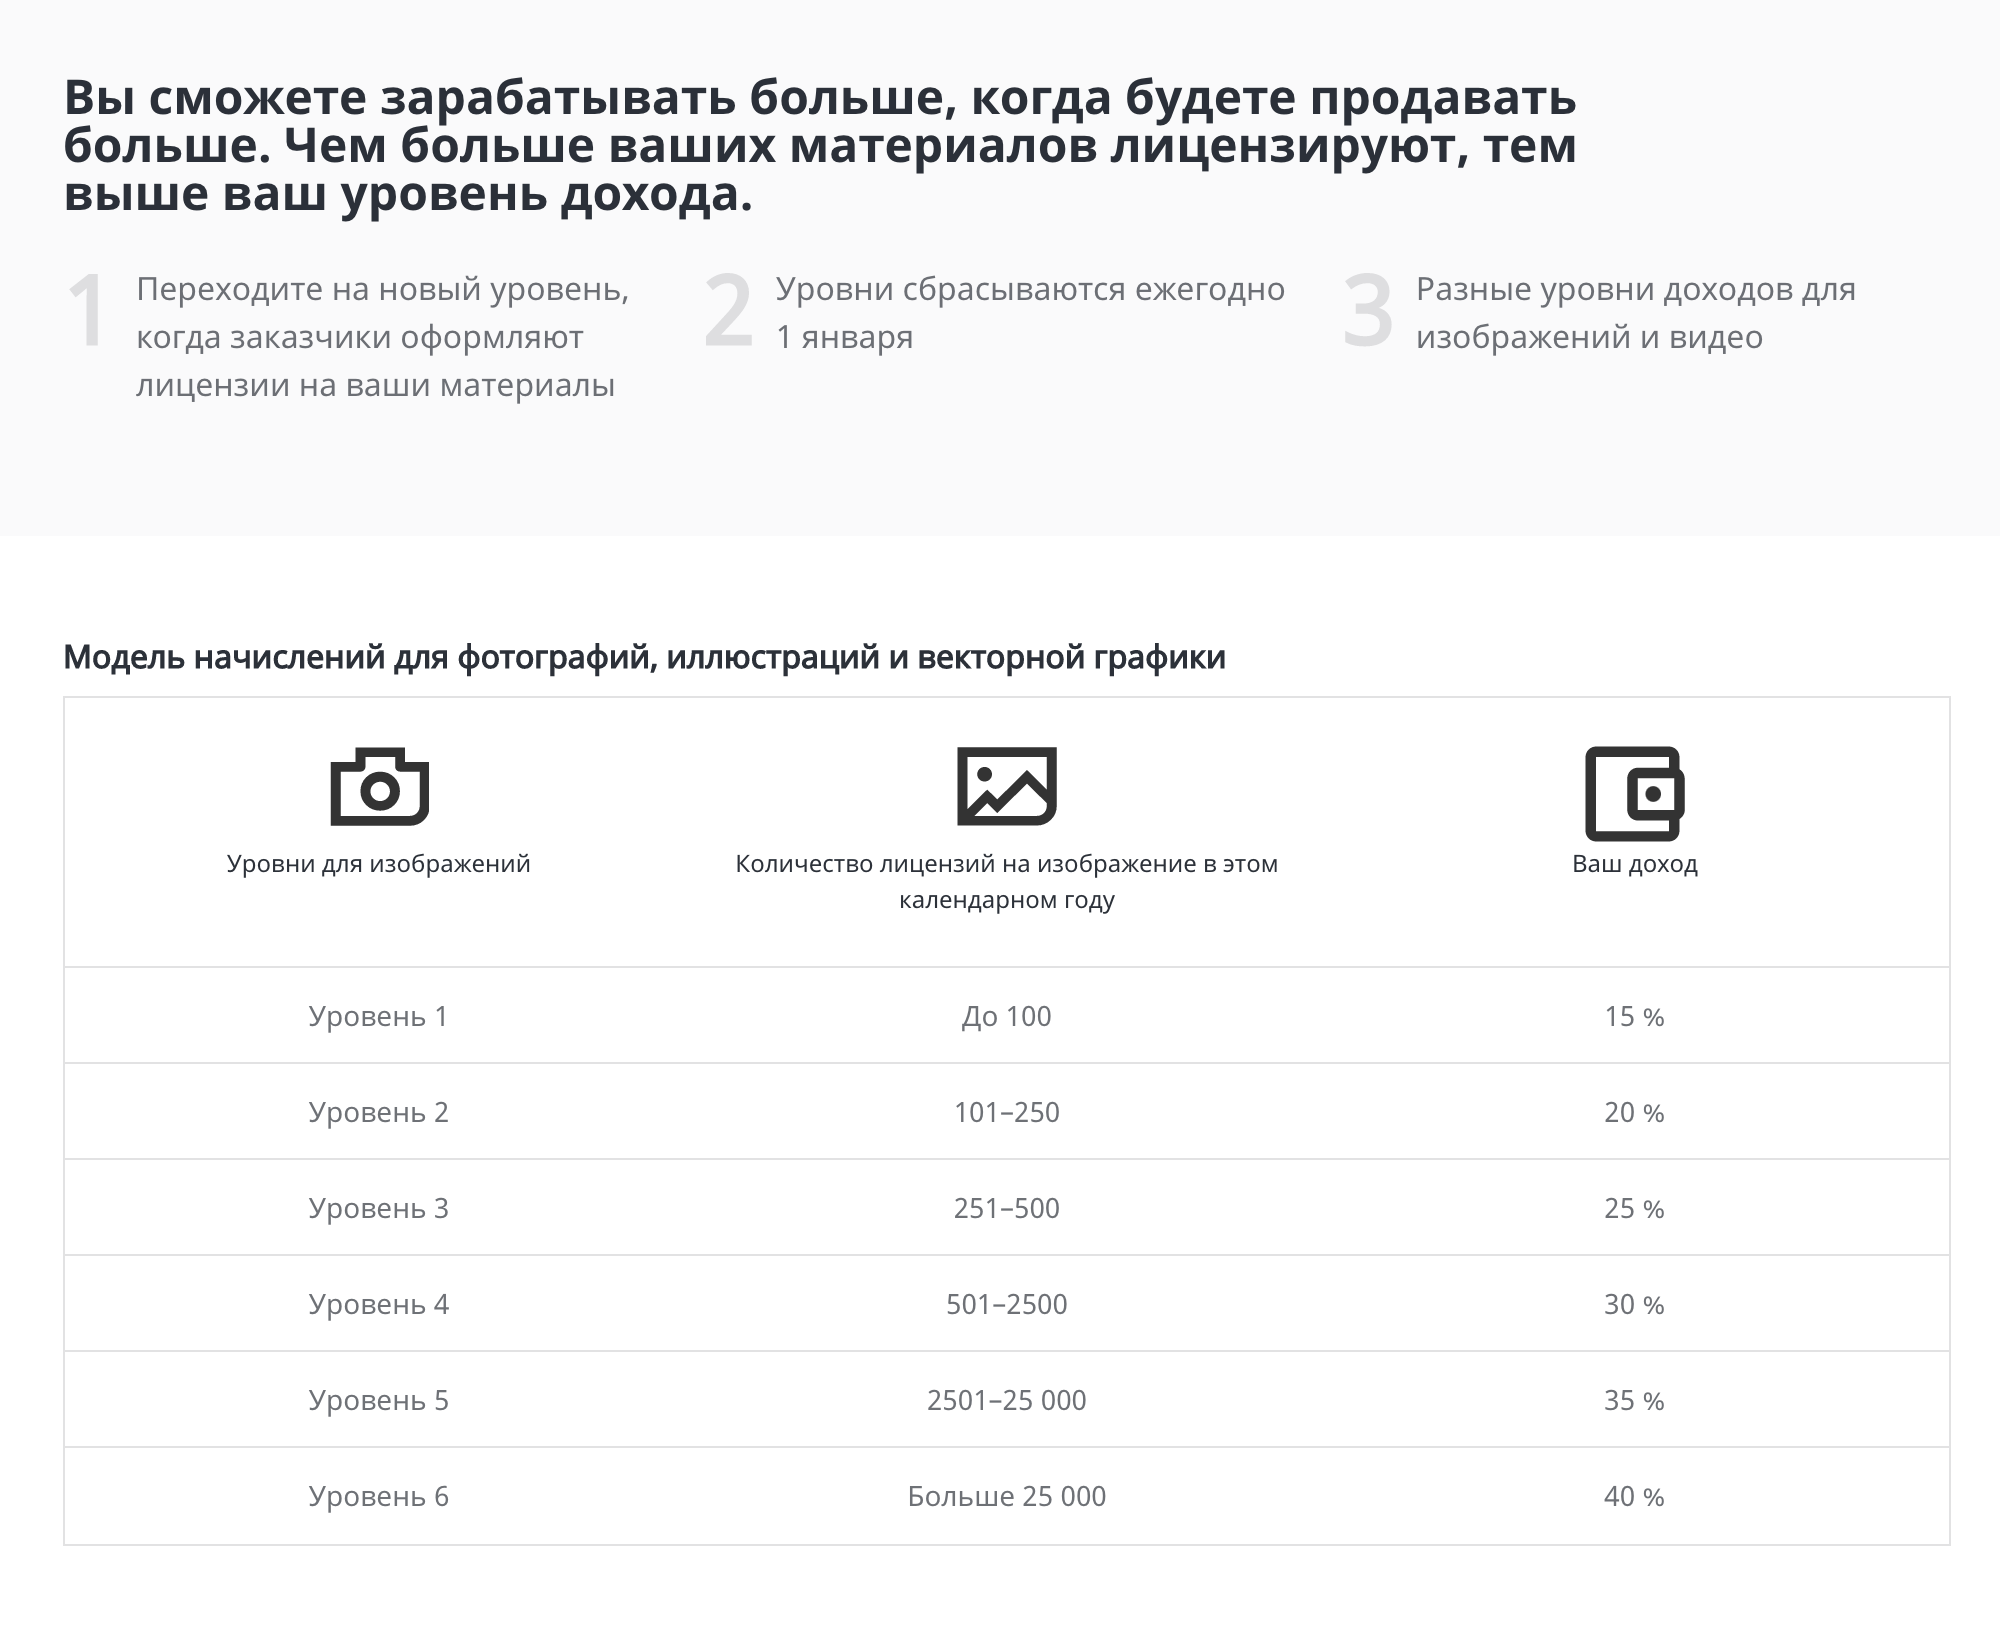 Размер роялти за изображения на «Шаттерстоке» от15 до40%